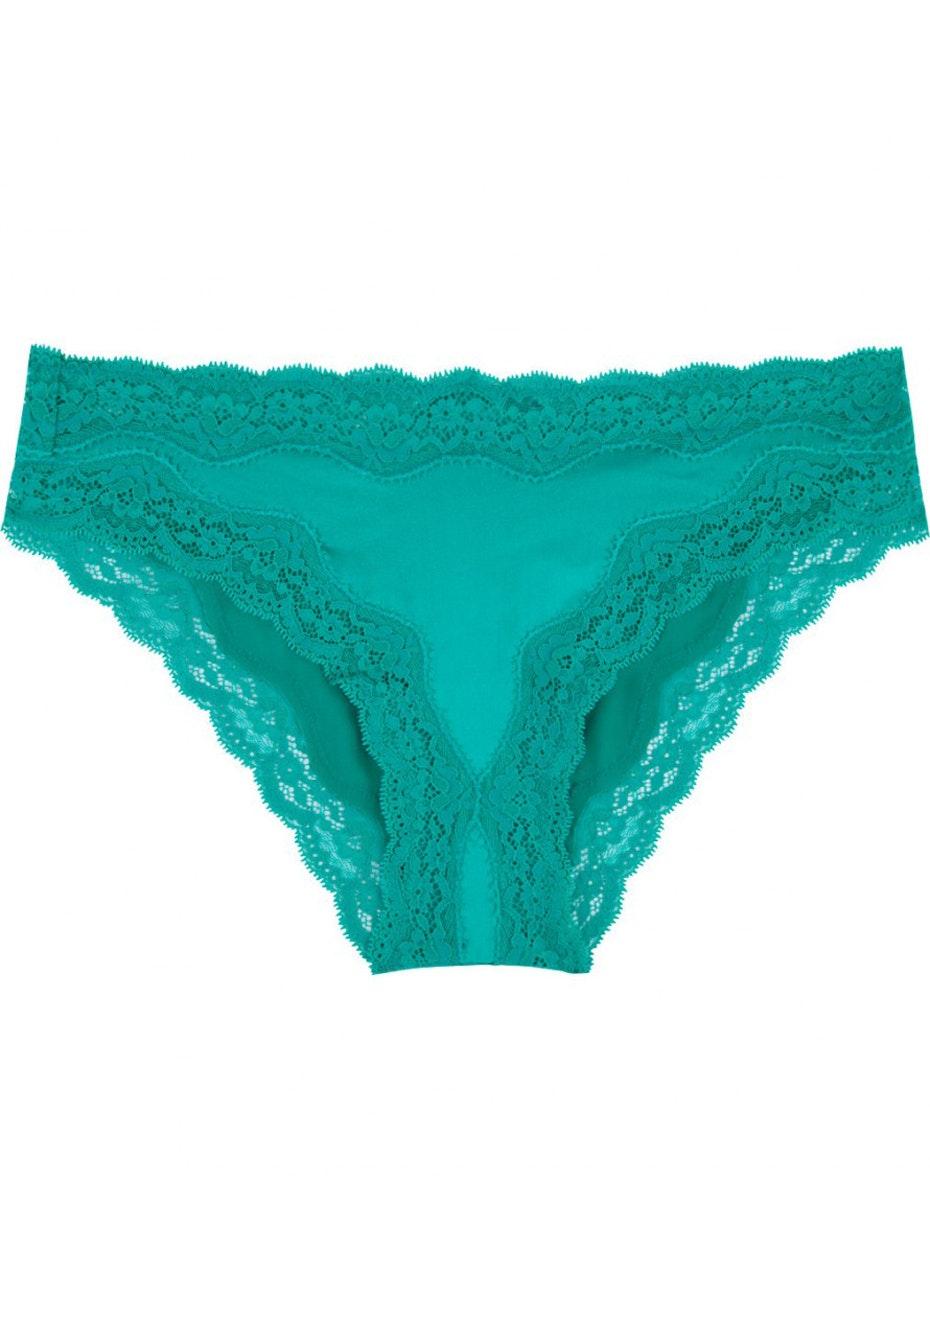 Stella McCartney - Clara Whispering Bikini Brief - Dynasty Green